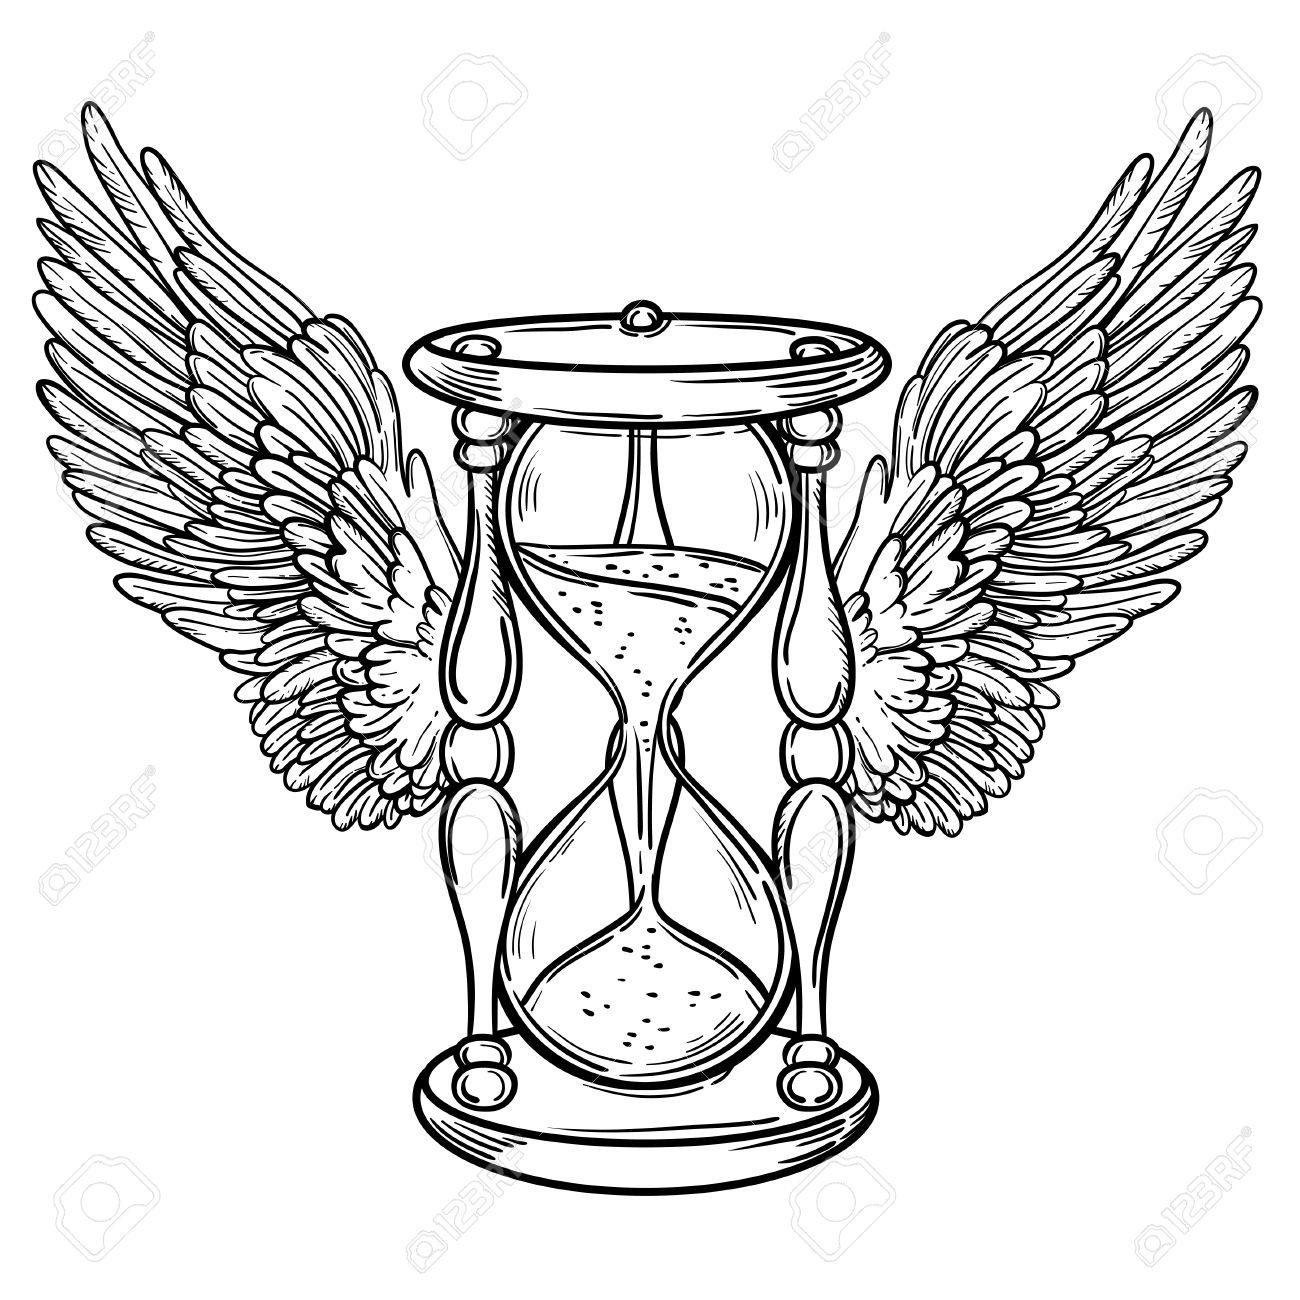 Decorativo Ilustración De Reloj De Arena Antiguo Con Alas Mano De Cartas Del Tarot Vector Dibujado Boceto Para El Tatuaje Dotwork Diseño